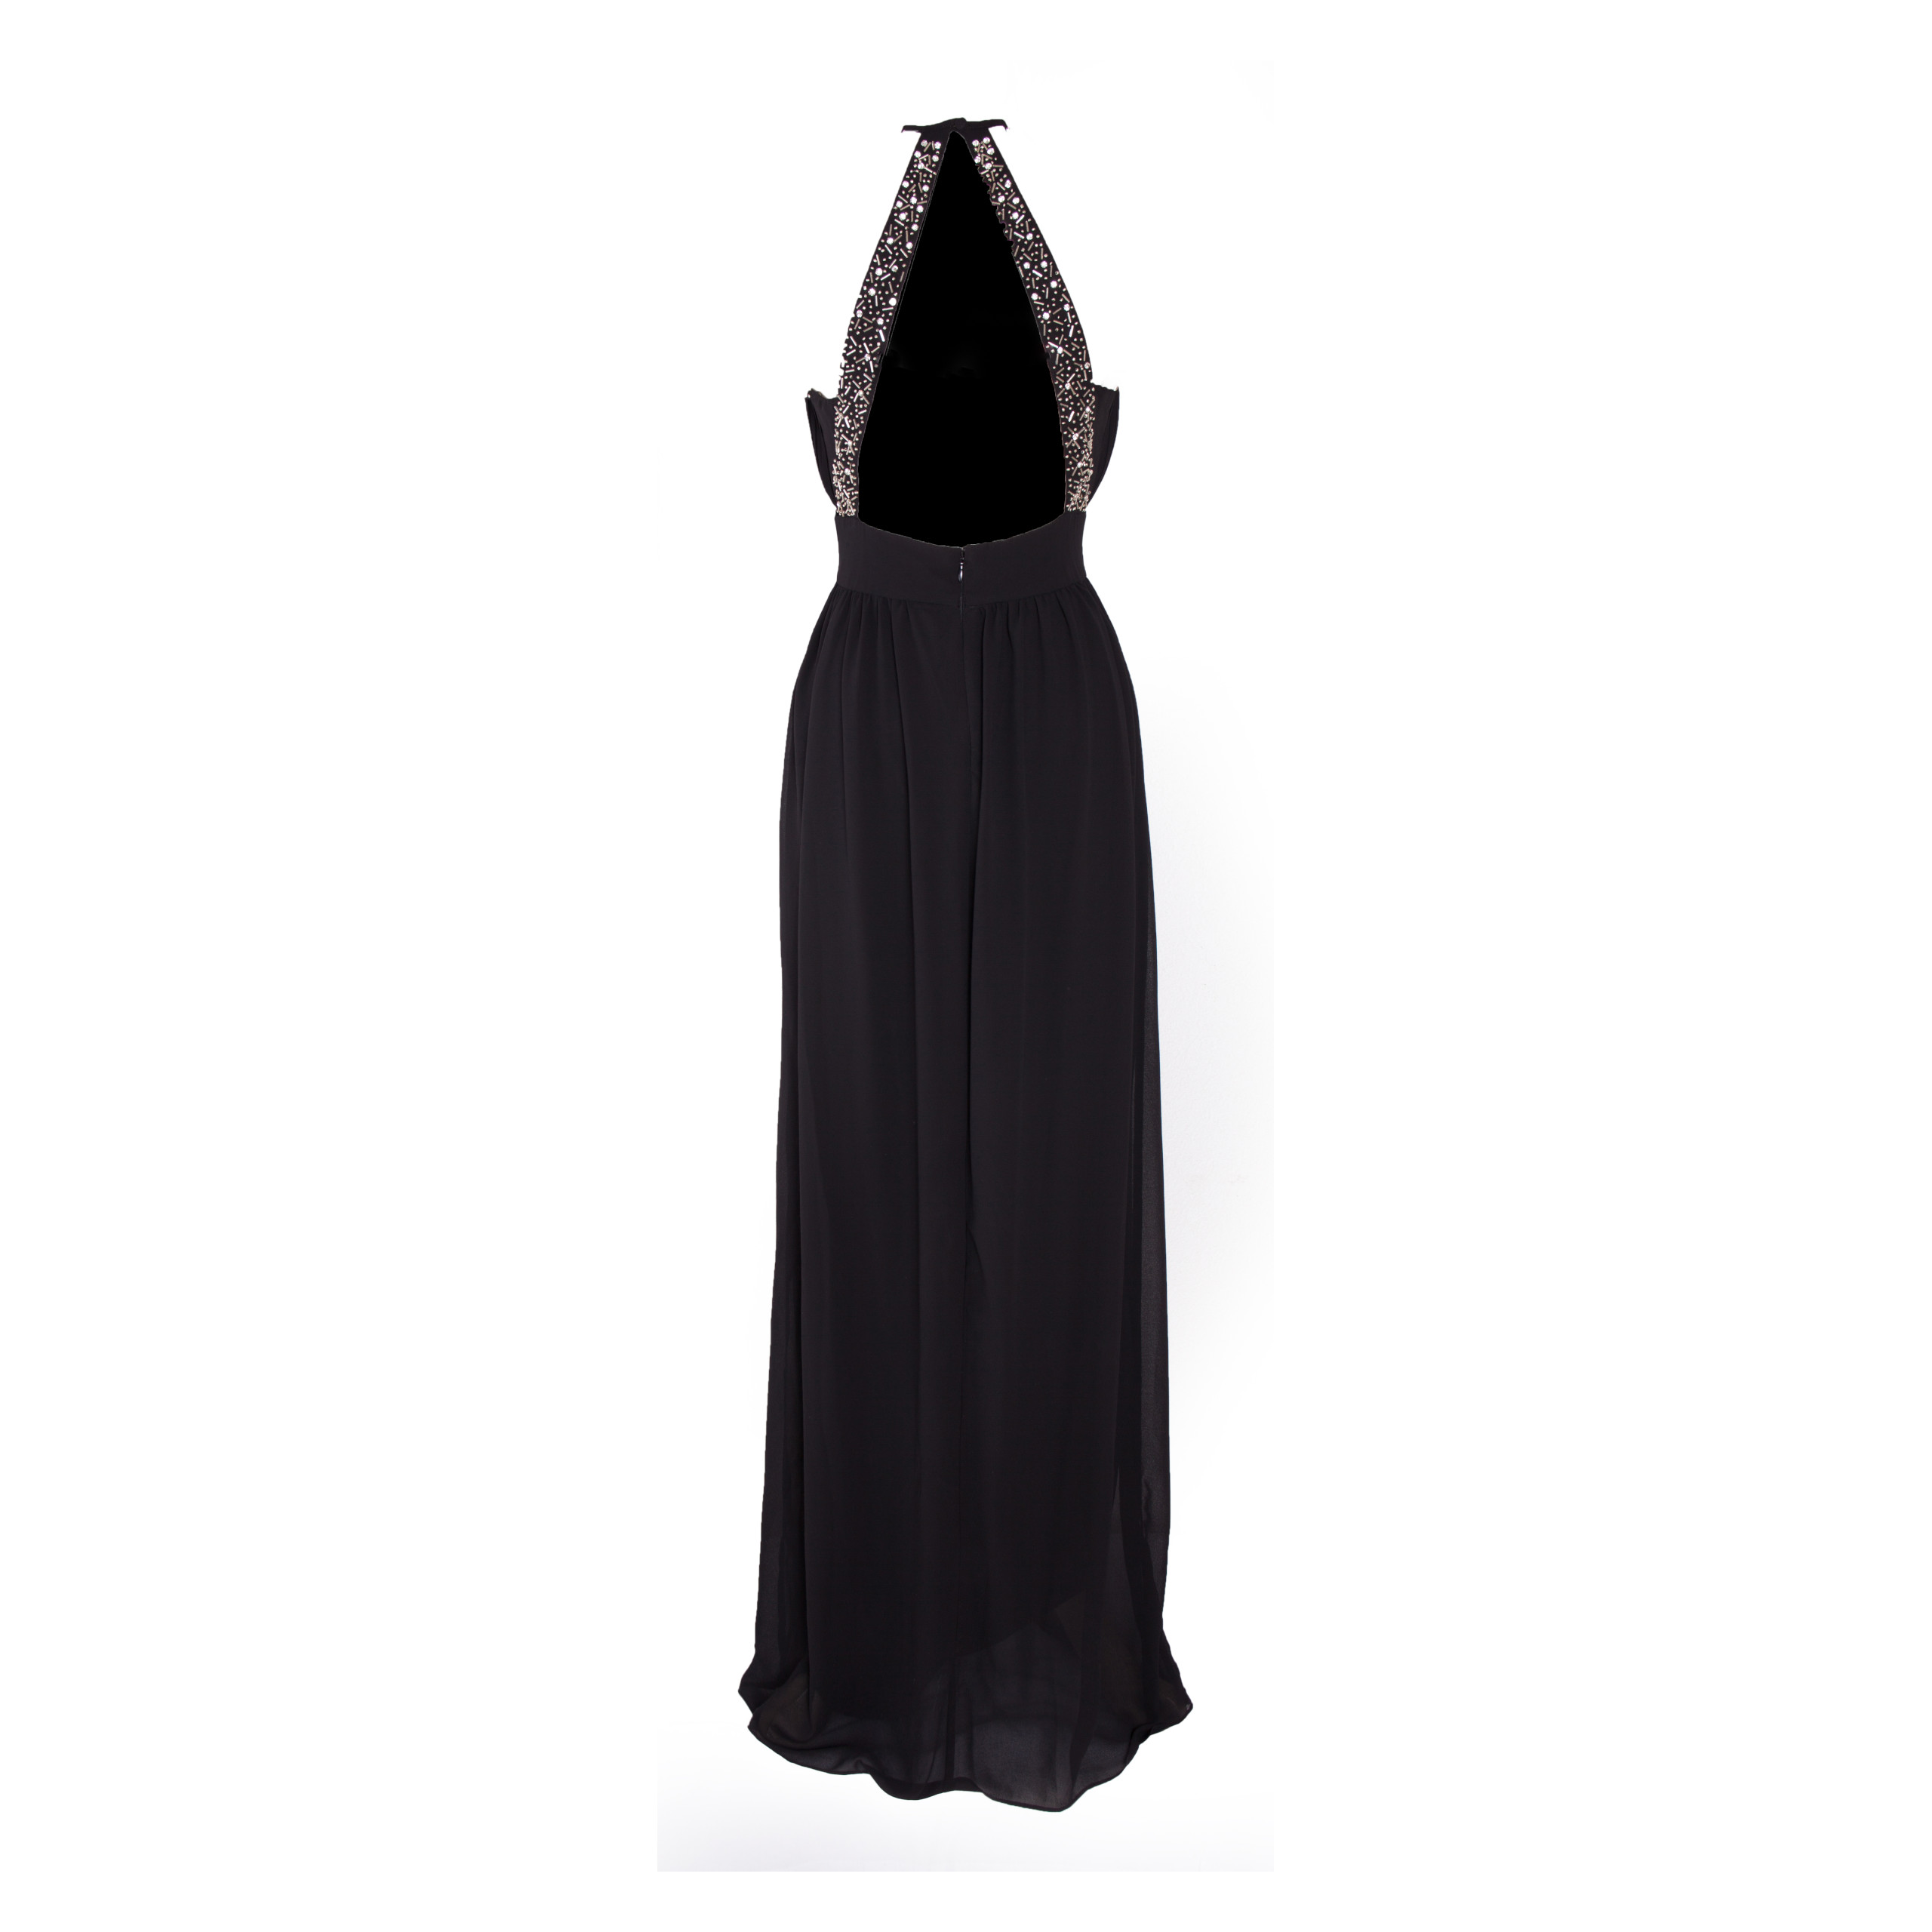 black chiffon rückenfreies abendkleid (d-062)